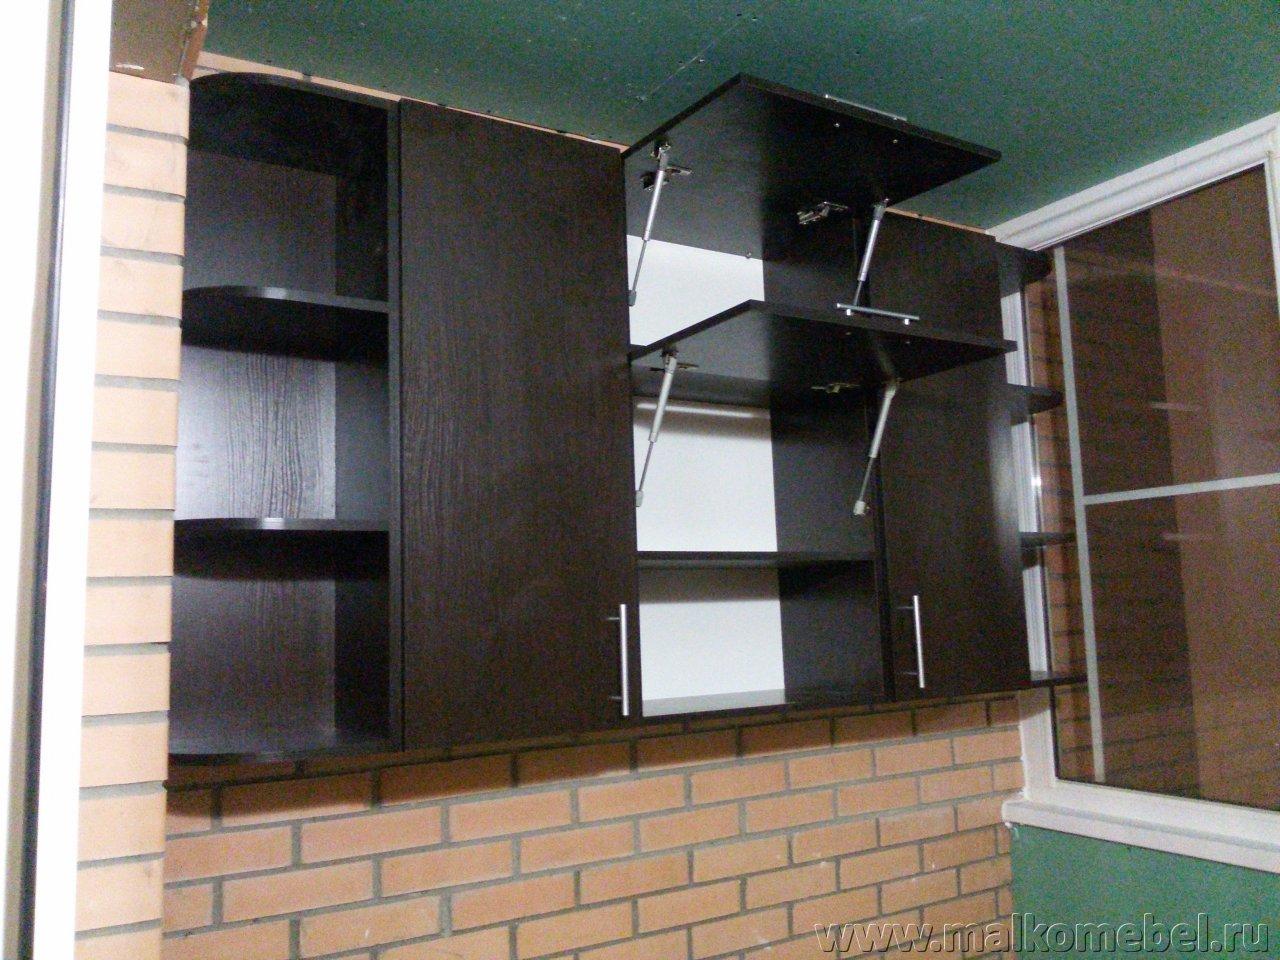 Мебель в петрозаводске под заказ